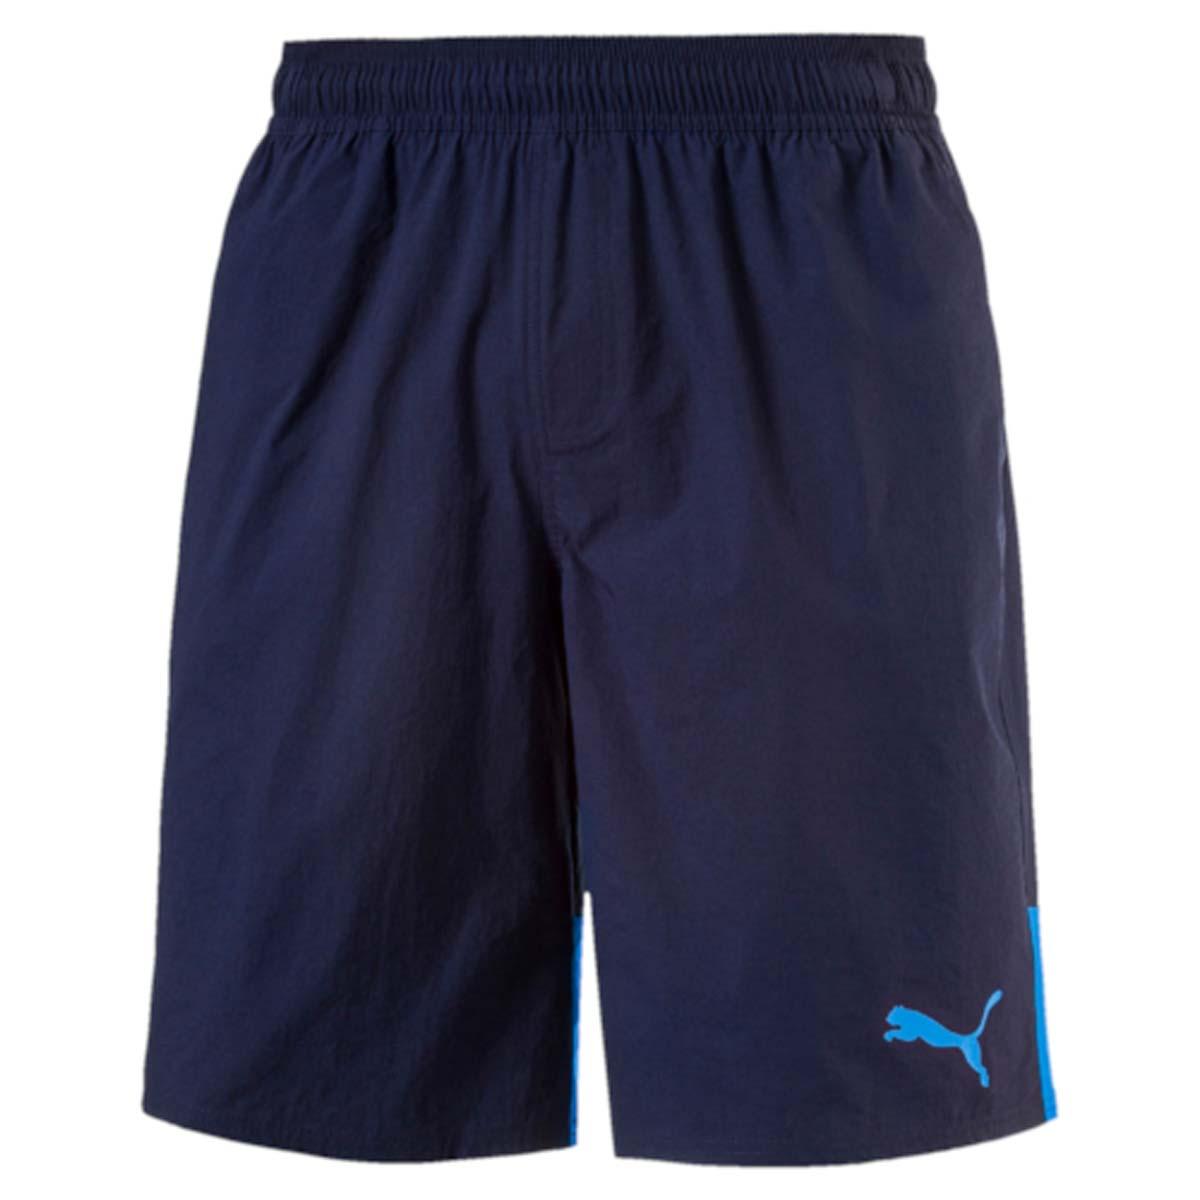 Шорты мужские Puma Style Summer Stretch Shorts, цвет: синий. 59066506. Размер XL (52/54)59066506Мужские шорты Style Summer Stretch Shorts созданы для тех, кто ценит комфорт и свободу движений. Эластичная ткань прекрасно тянется и не стесняет движений. В таких шортах удобно тренироваться, гулять или просто заниматься повседневными делами. Эластичный пояс с затягивающимся шнурком гарантирует комфортную посадку. Боковые швы с нахлестом вперед способствуют свободе движений. Модель имеет боковые карманы. Также имеется внутренний карман для мелочи и прорезной карман с обтачками сзади. Шорты декорированы логотипом PUMA на левой штанине. Имеют стандартную посадку.